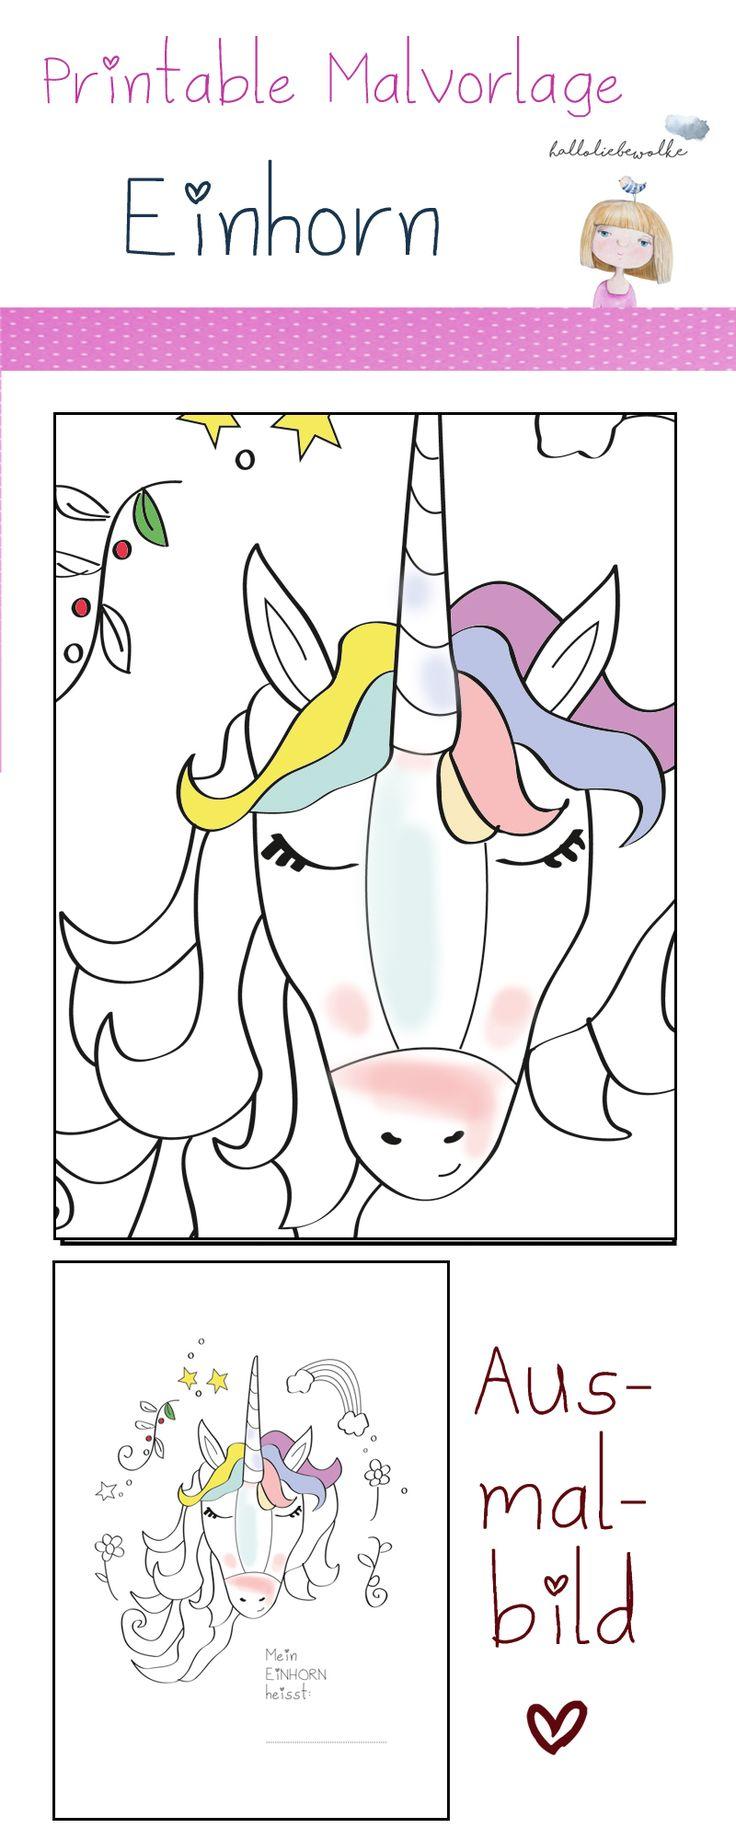 Einhorn Ausmalbild. Ein Printable zum freien Download für kleine Prinzessinnen, die eine Malvorlage ihres Lieblingstieres benötigen. ;)